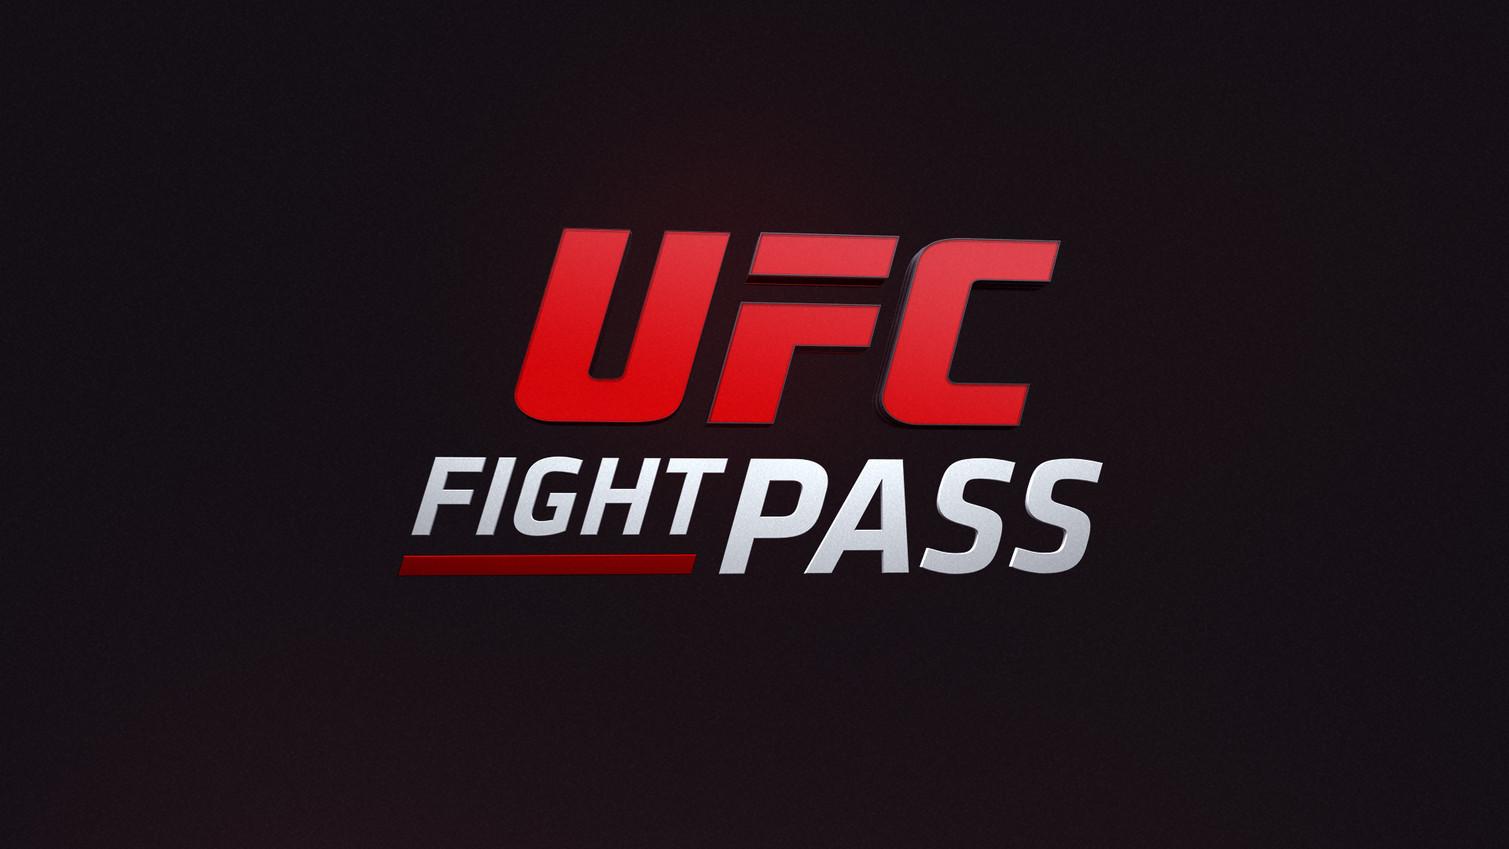 UFCFP_LogoID_Dev_03.jpg